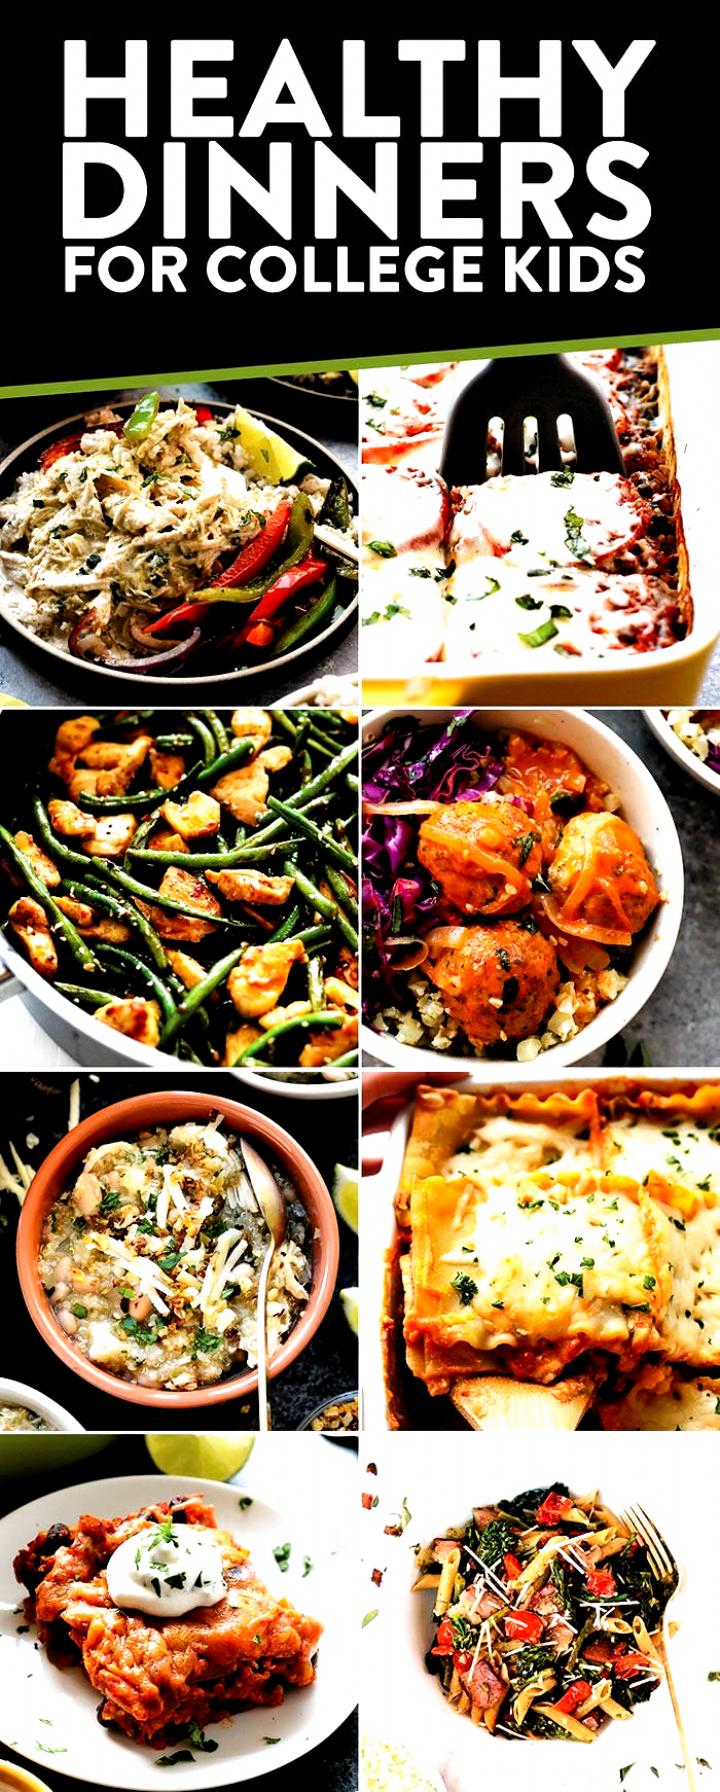 Leftover Ham Recipes Air Fryer Recipes Acorn Squash Recipes Lasagna Recipes Easy In 2020 Easy Healthy Recipes Dinner Recipes Crockpot Healthy Dinner Recipes Easy